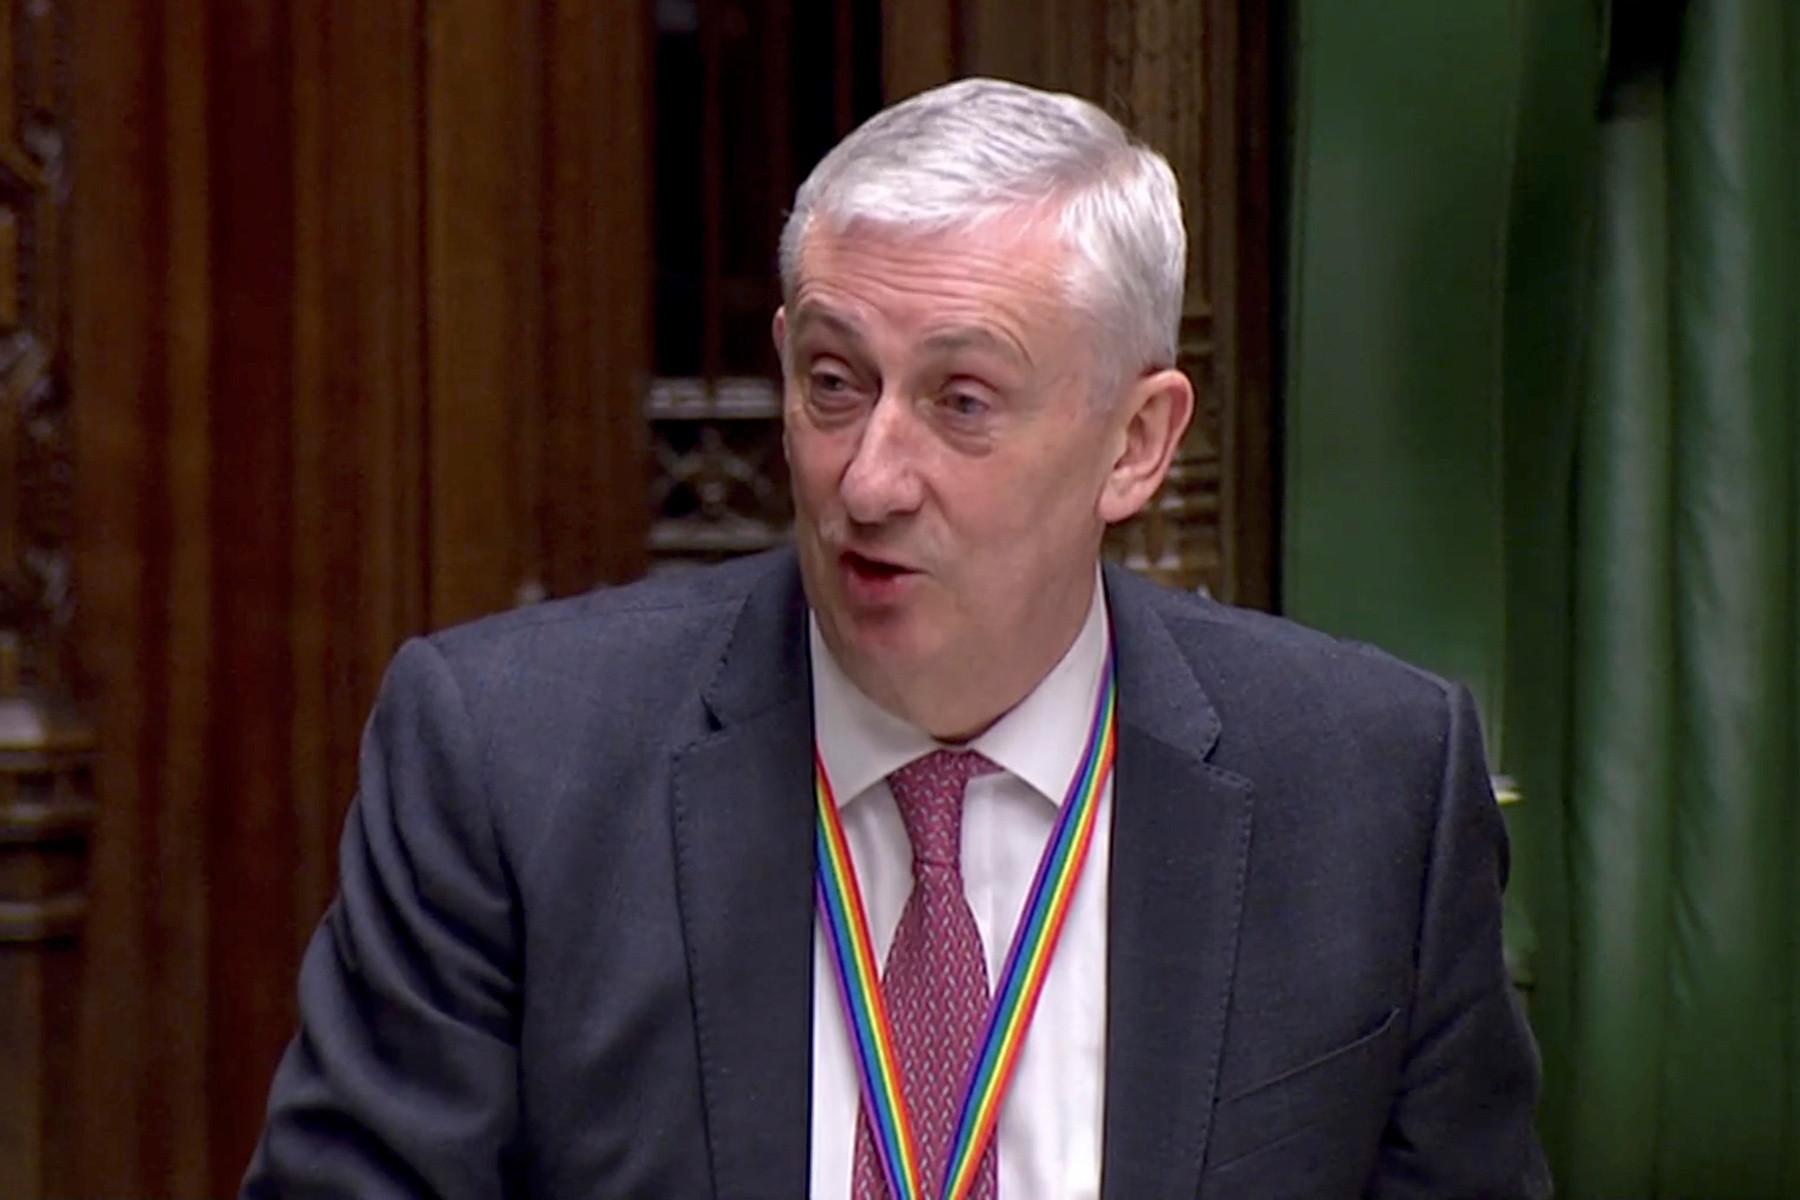 Parlamento britânico 'em queda'. Teto cede e interrompe sessão